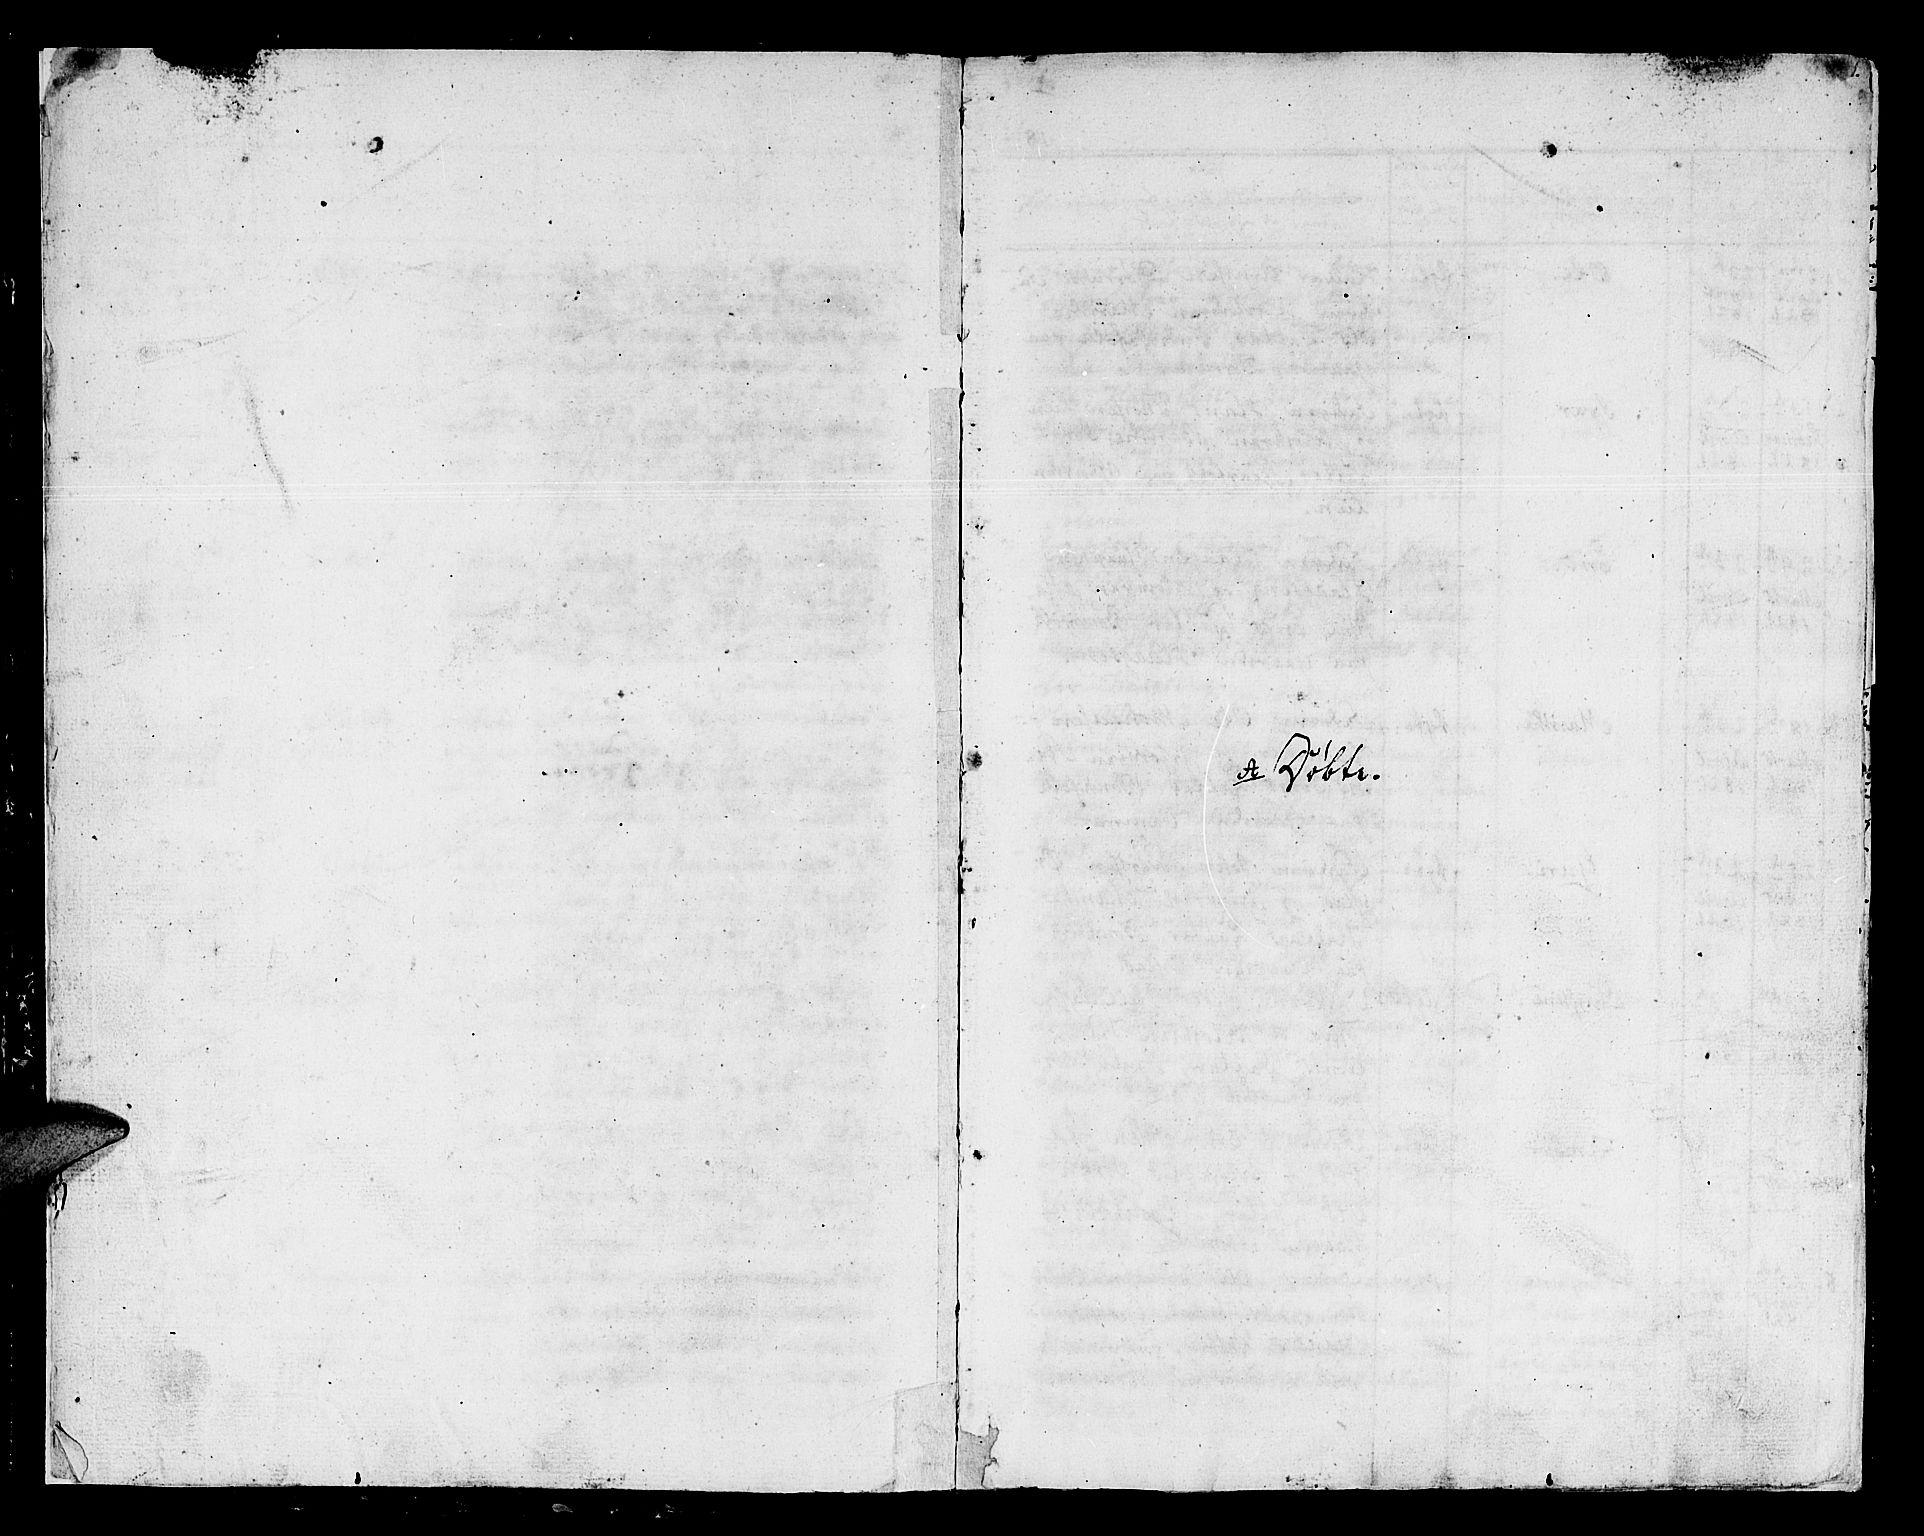 SAT, Ministerialprotokoller, klokkerbøker og fødselsregistre - Sør-Trøndelag, 678/L0897: Ministerialbok nr. 678A06-07, 1821-1847, s. 1